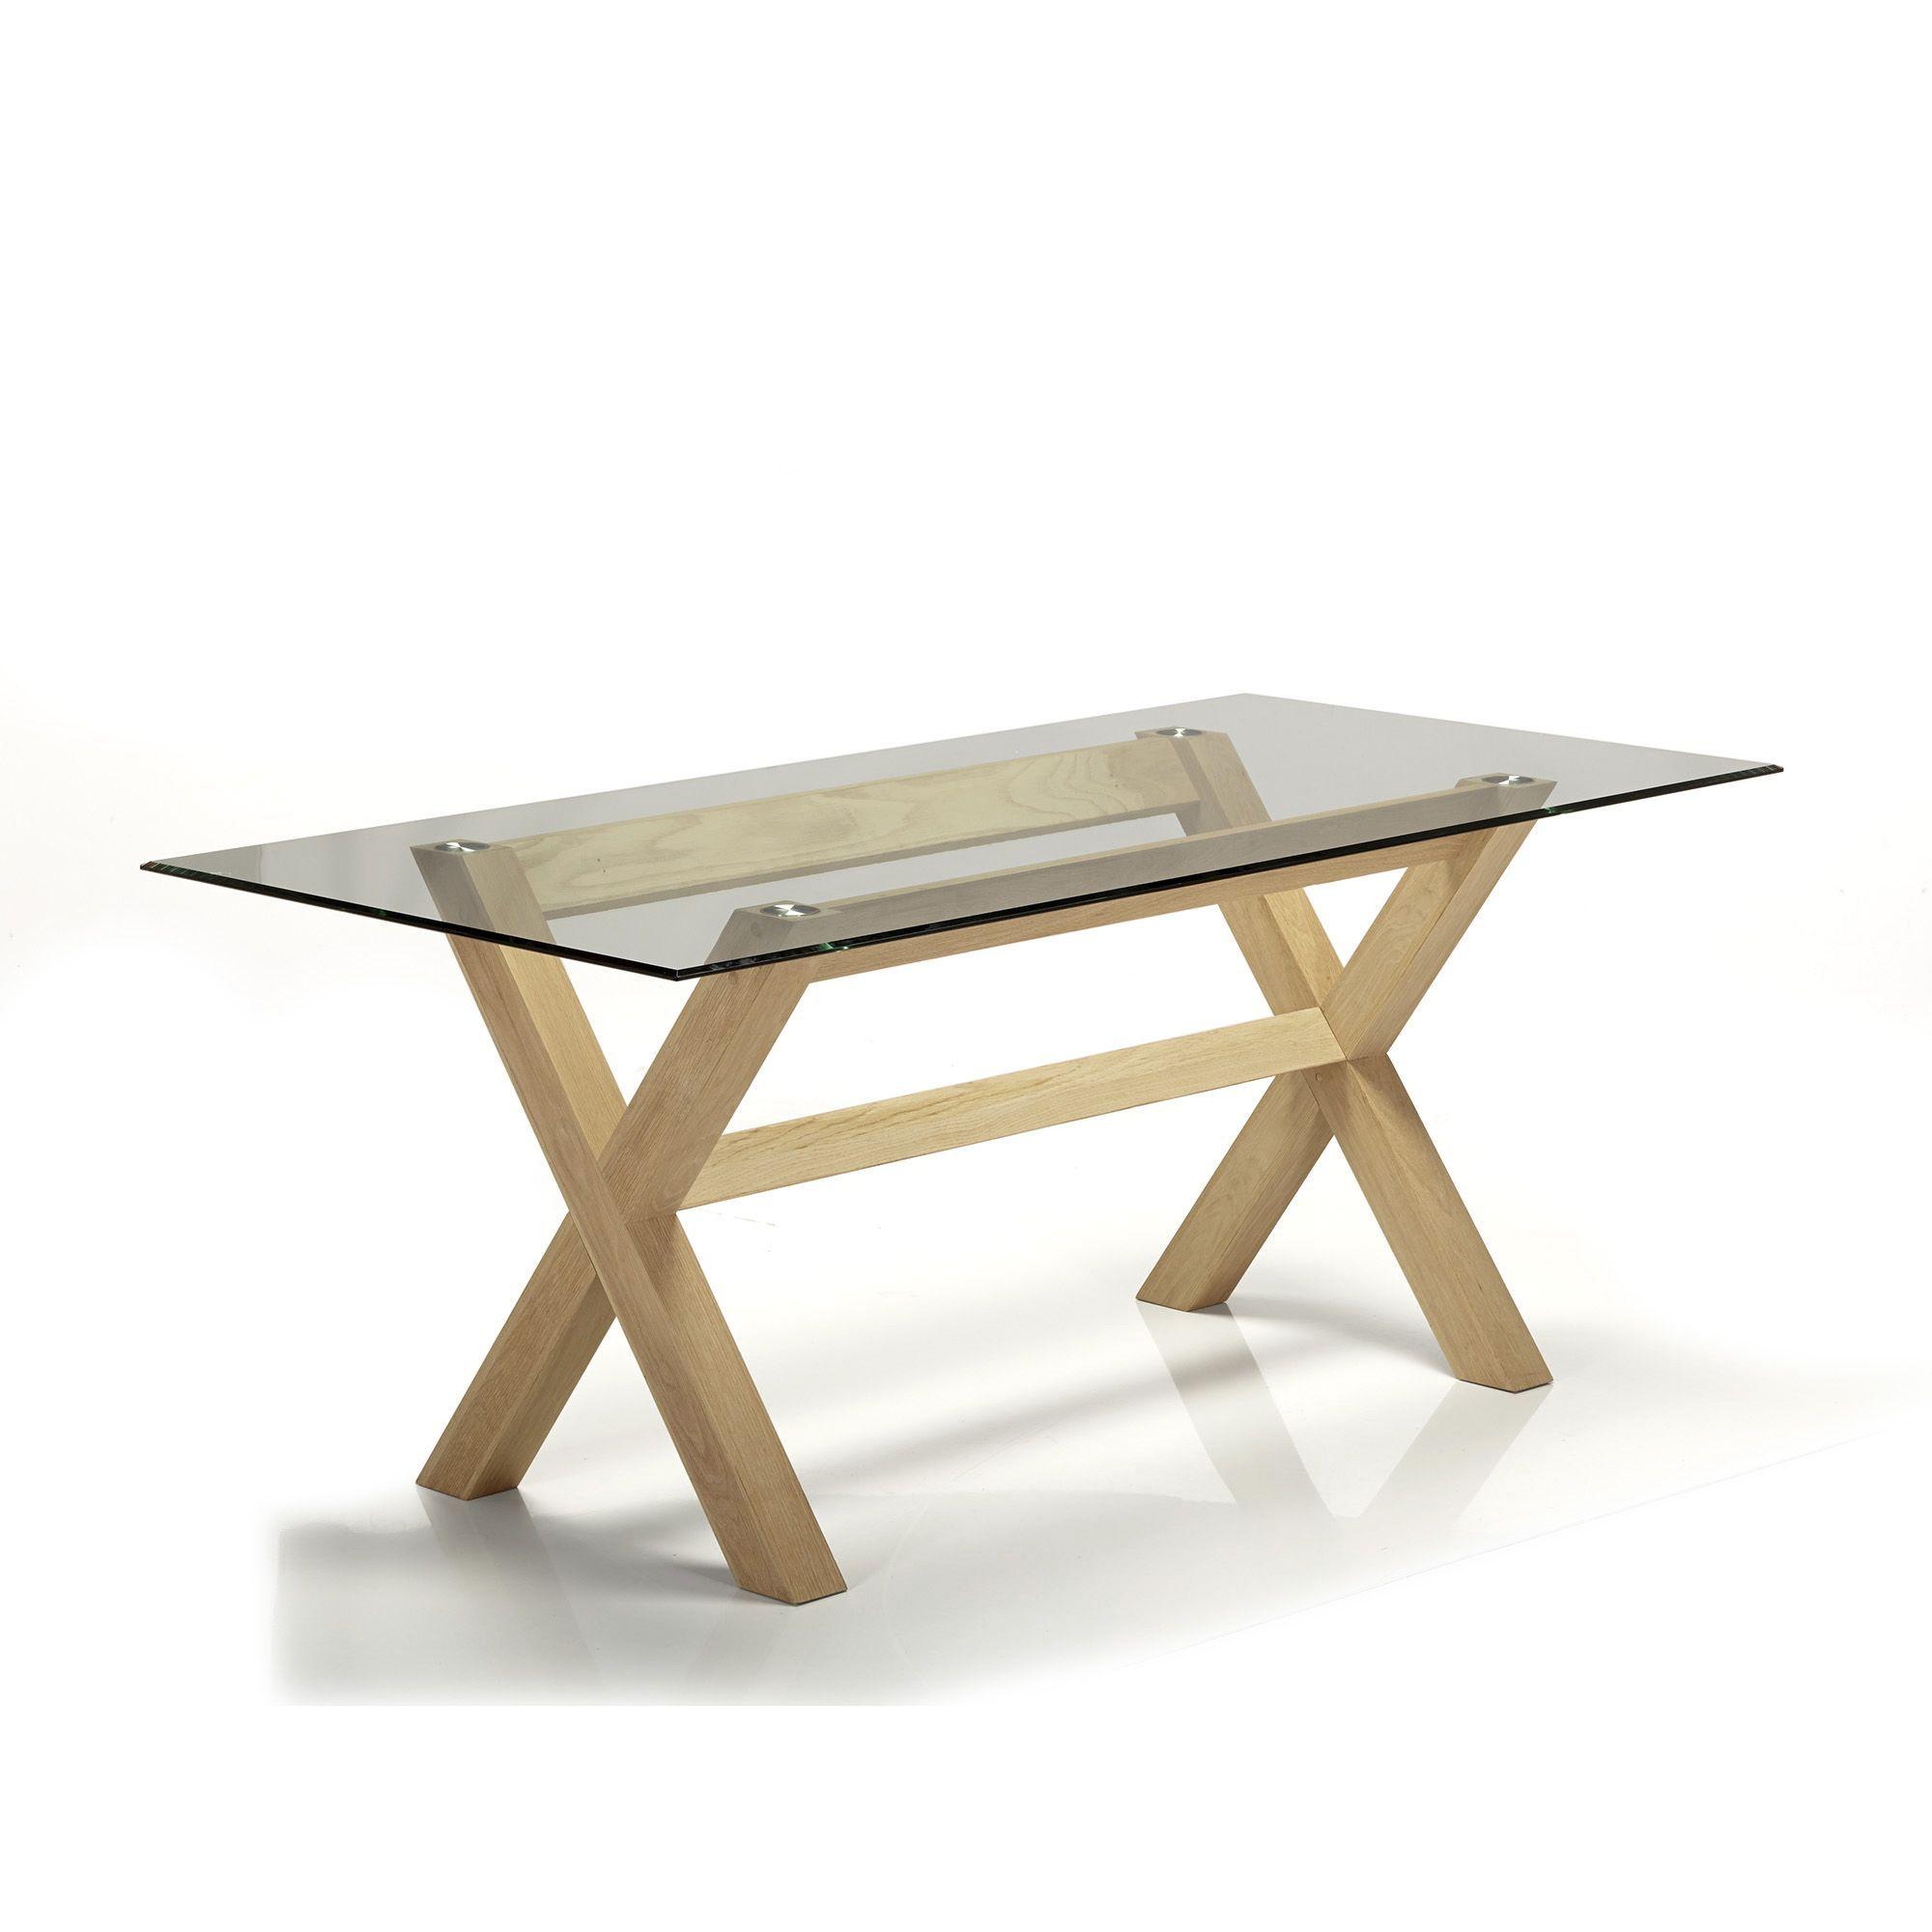 pieds en croix en chne pour table de repas naturel peker les tables rectangulaires - Pied Rectangulaire Pour Table